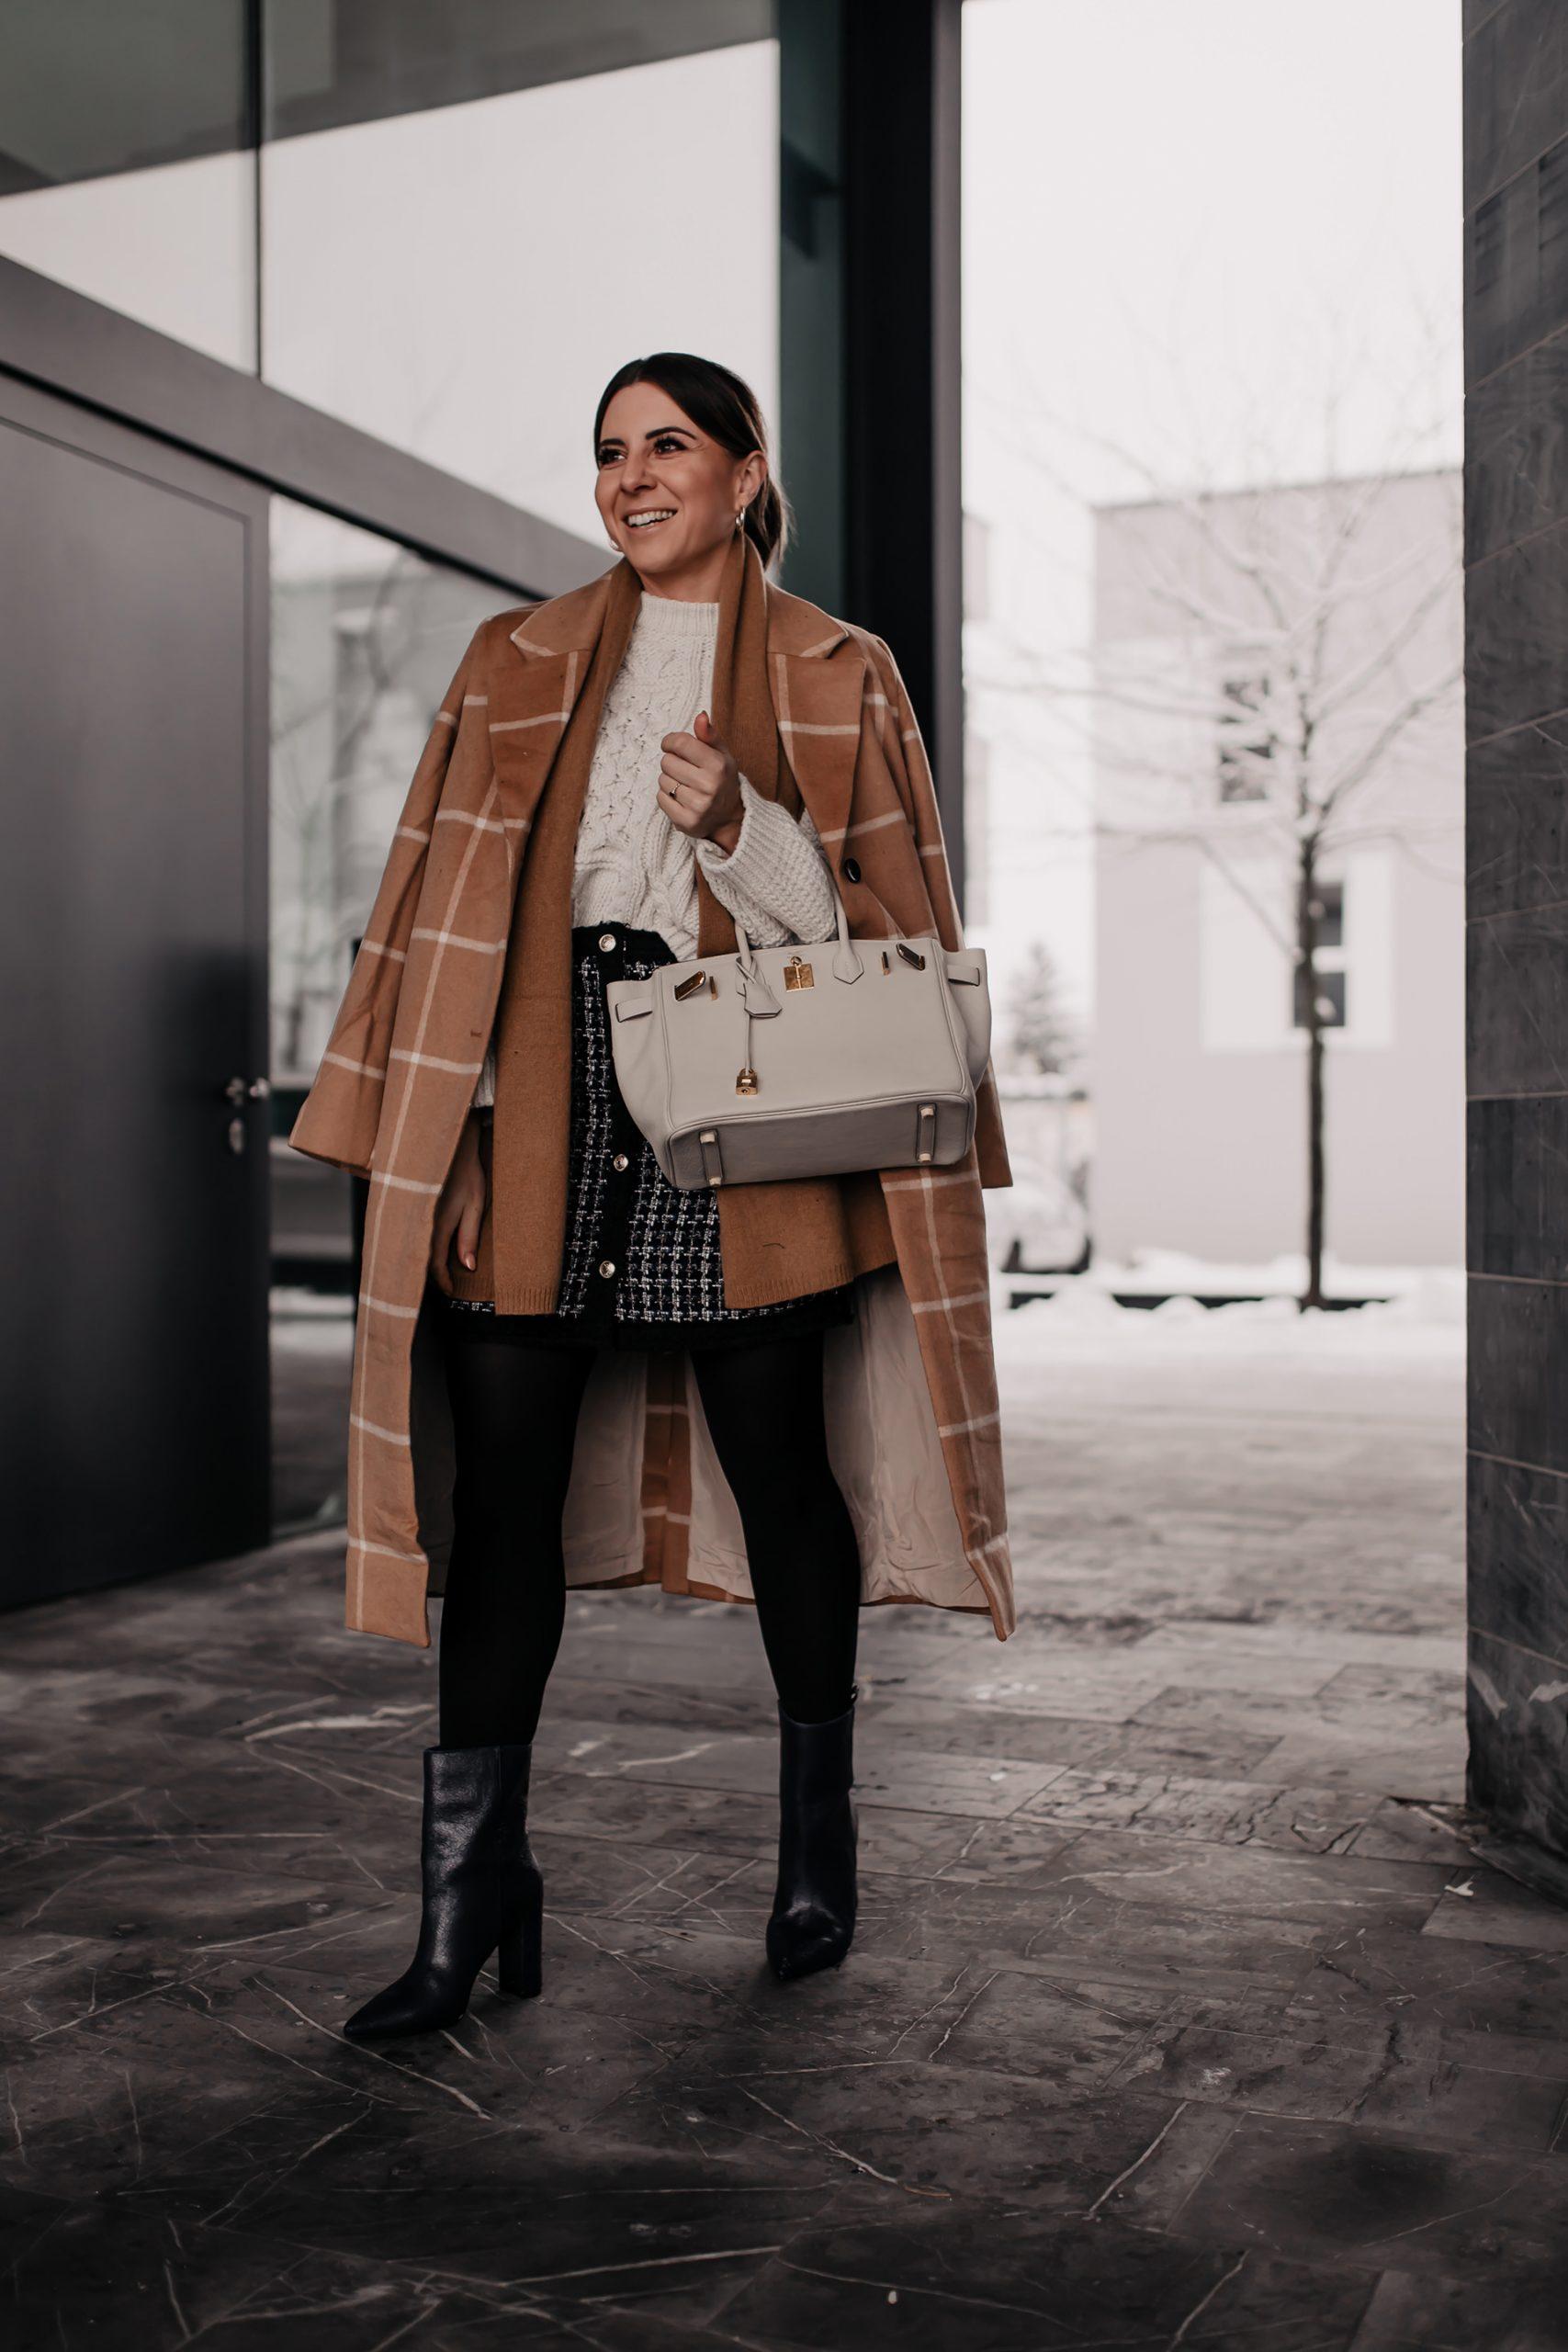 Wie du den Tweed-Trend modern im Alltag kombinieren kannst, liest du jetzt auf meinem Modeblog. Ich zeige dir nicht nur ein Winter-Outfit, sondern gebe dir auch 6 Mode-Tipps für den Tweed-Trend. #tweed #winteroutfit #wintertrends #modetrends